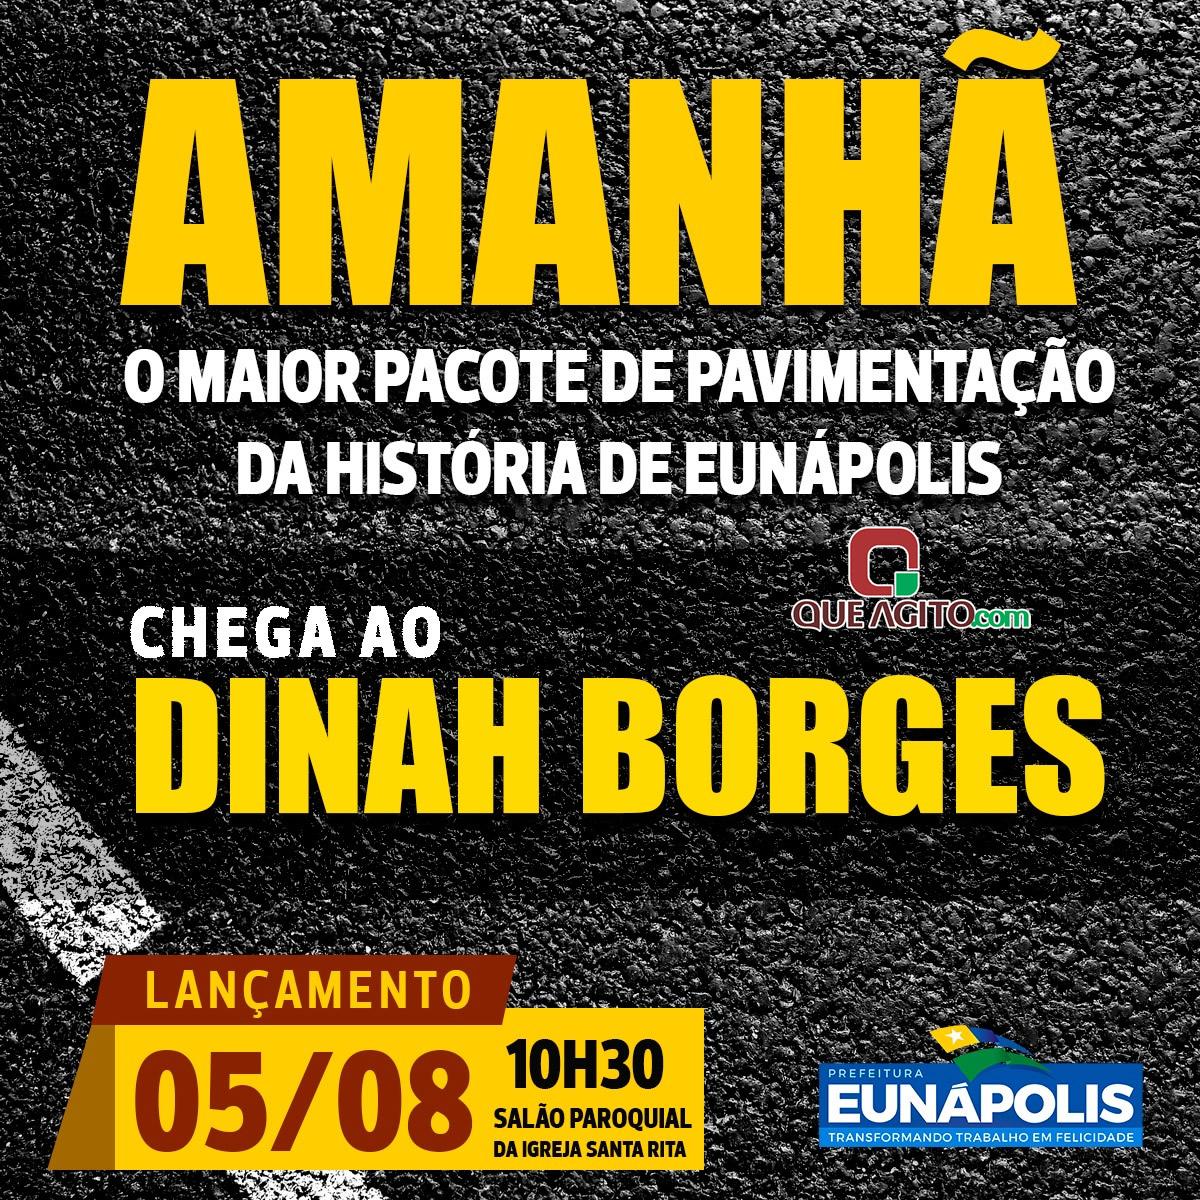 Prefeito Robério lançará pacote de pavimentação no Dinah Borges neste sábado (05/08) 56